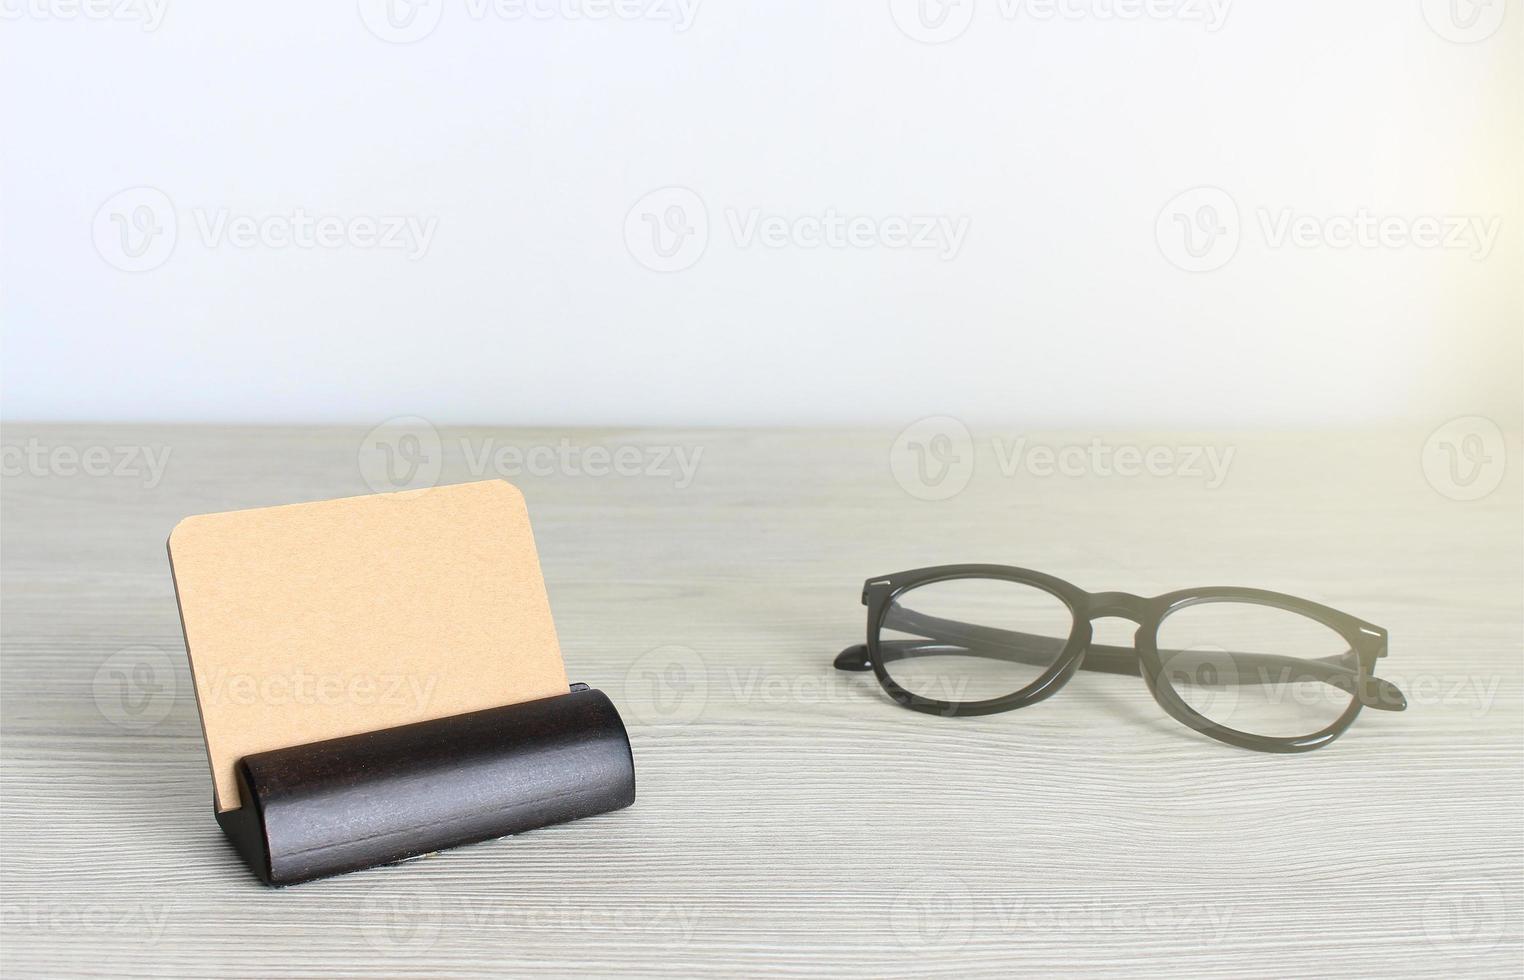 cartes de visite vierges et verres sur table de bureau en bois photo